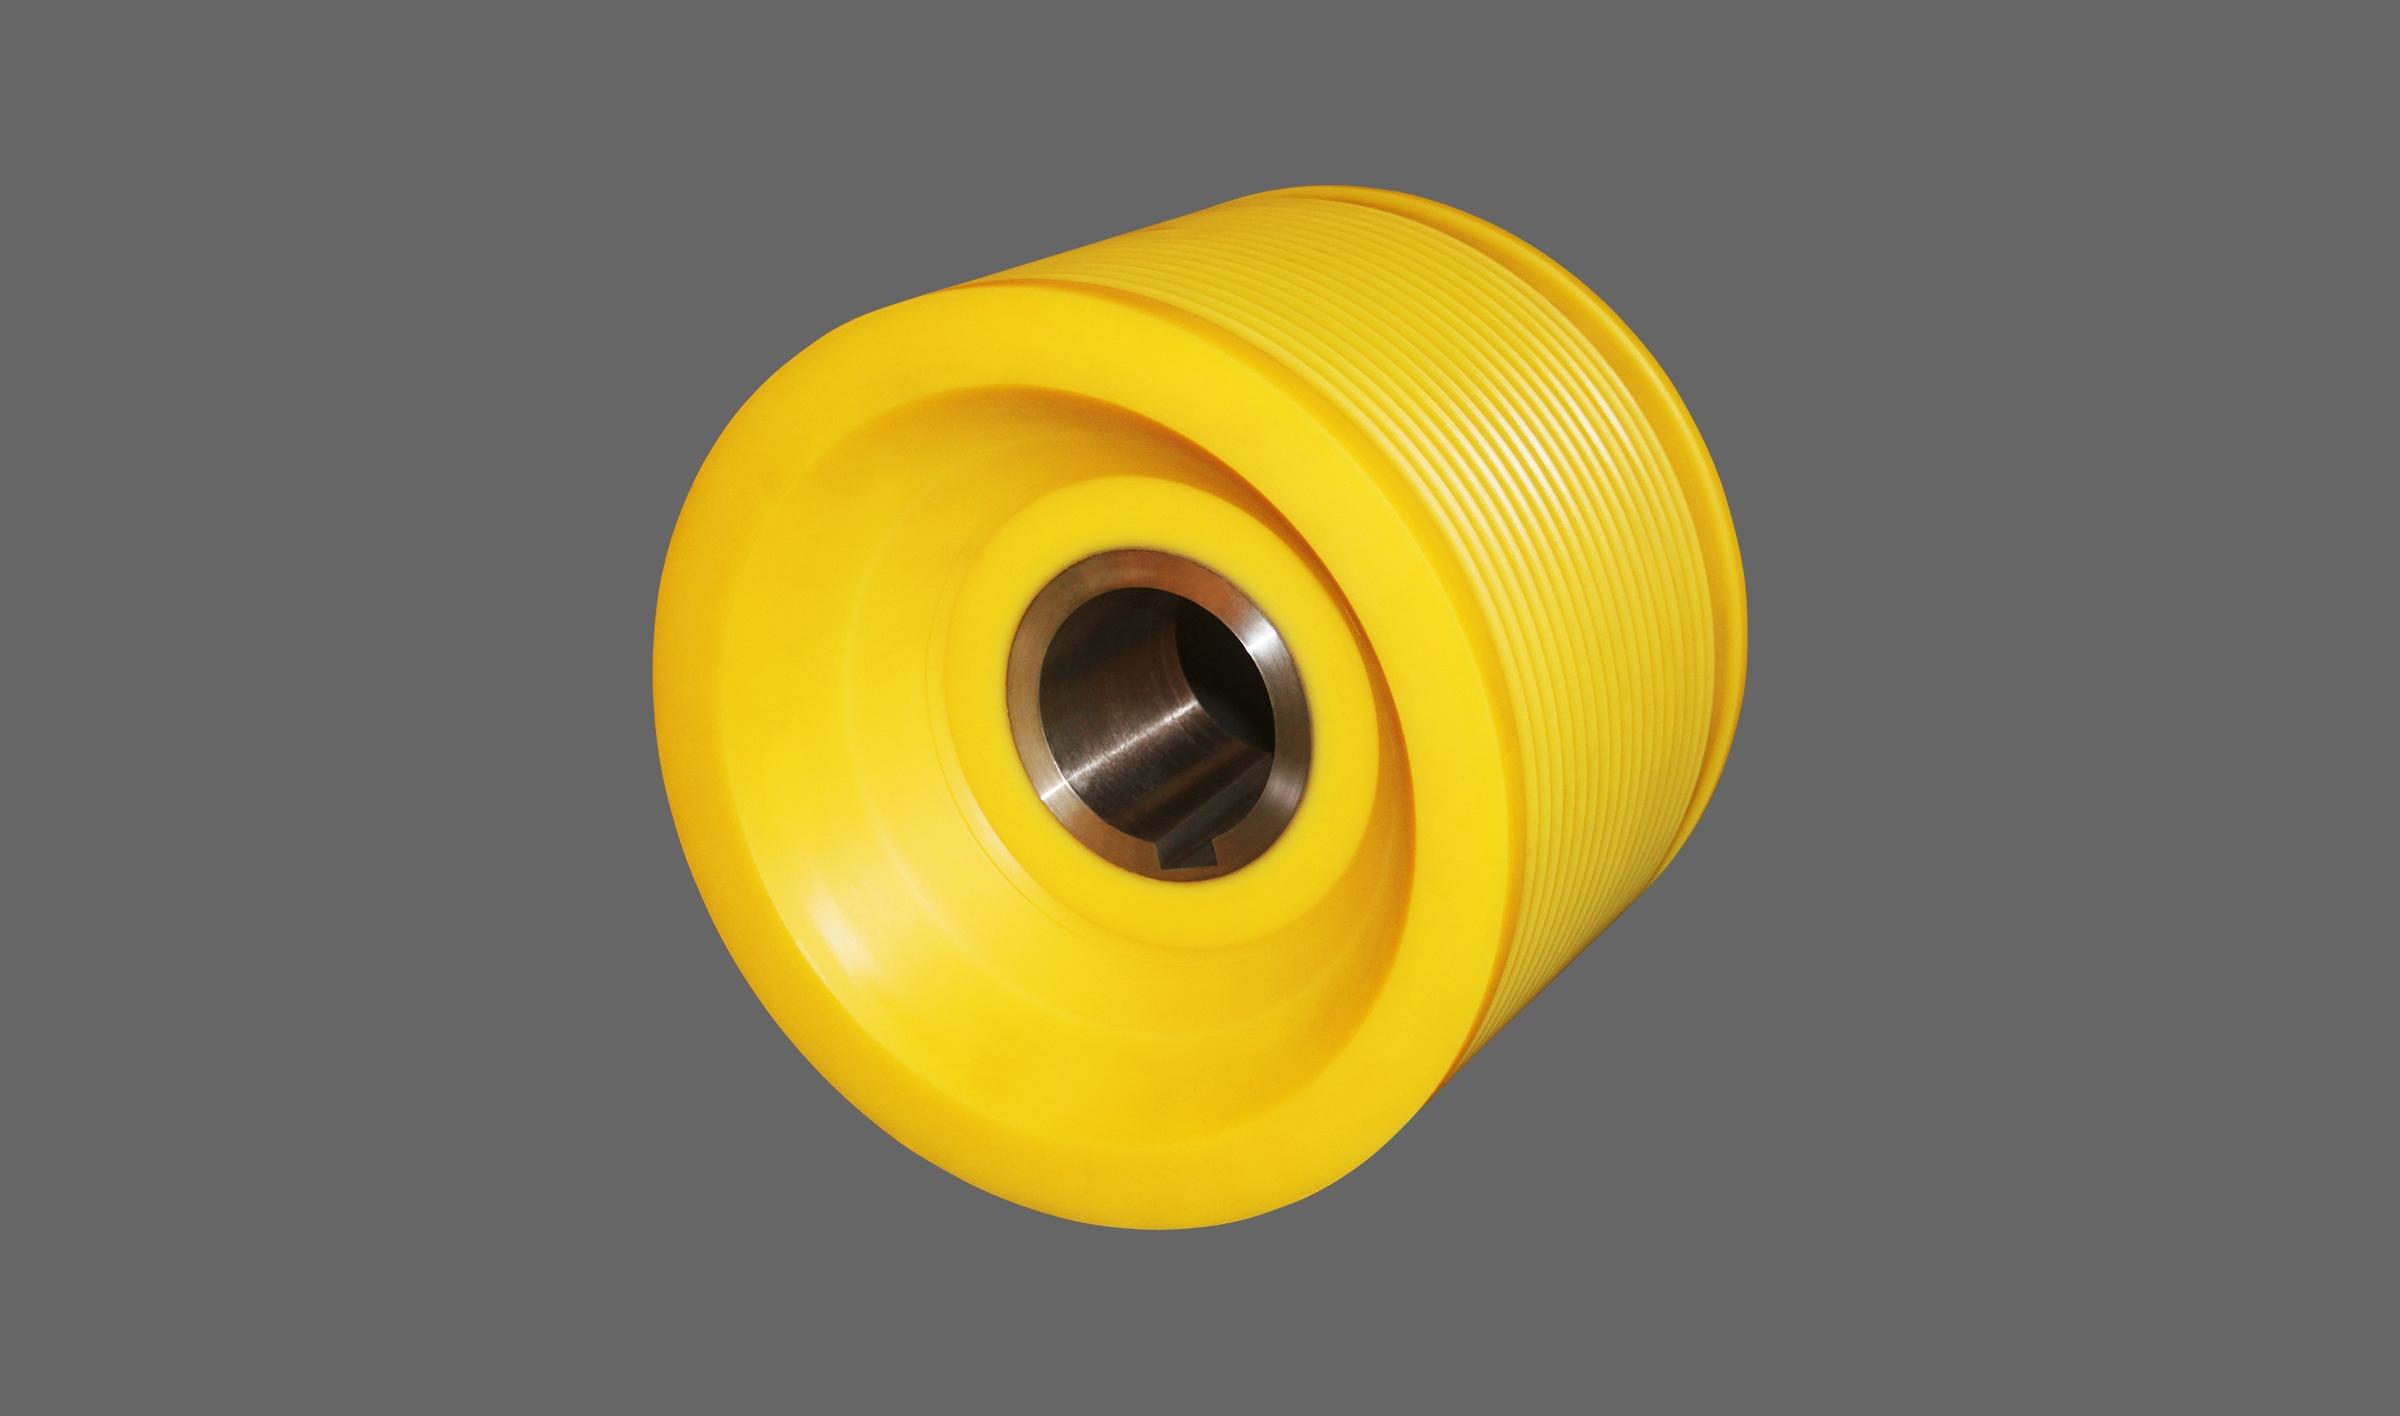 离心聚合一体式金属衬套尼龙轮(螺旋滚轮)